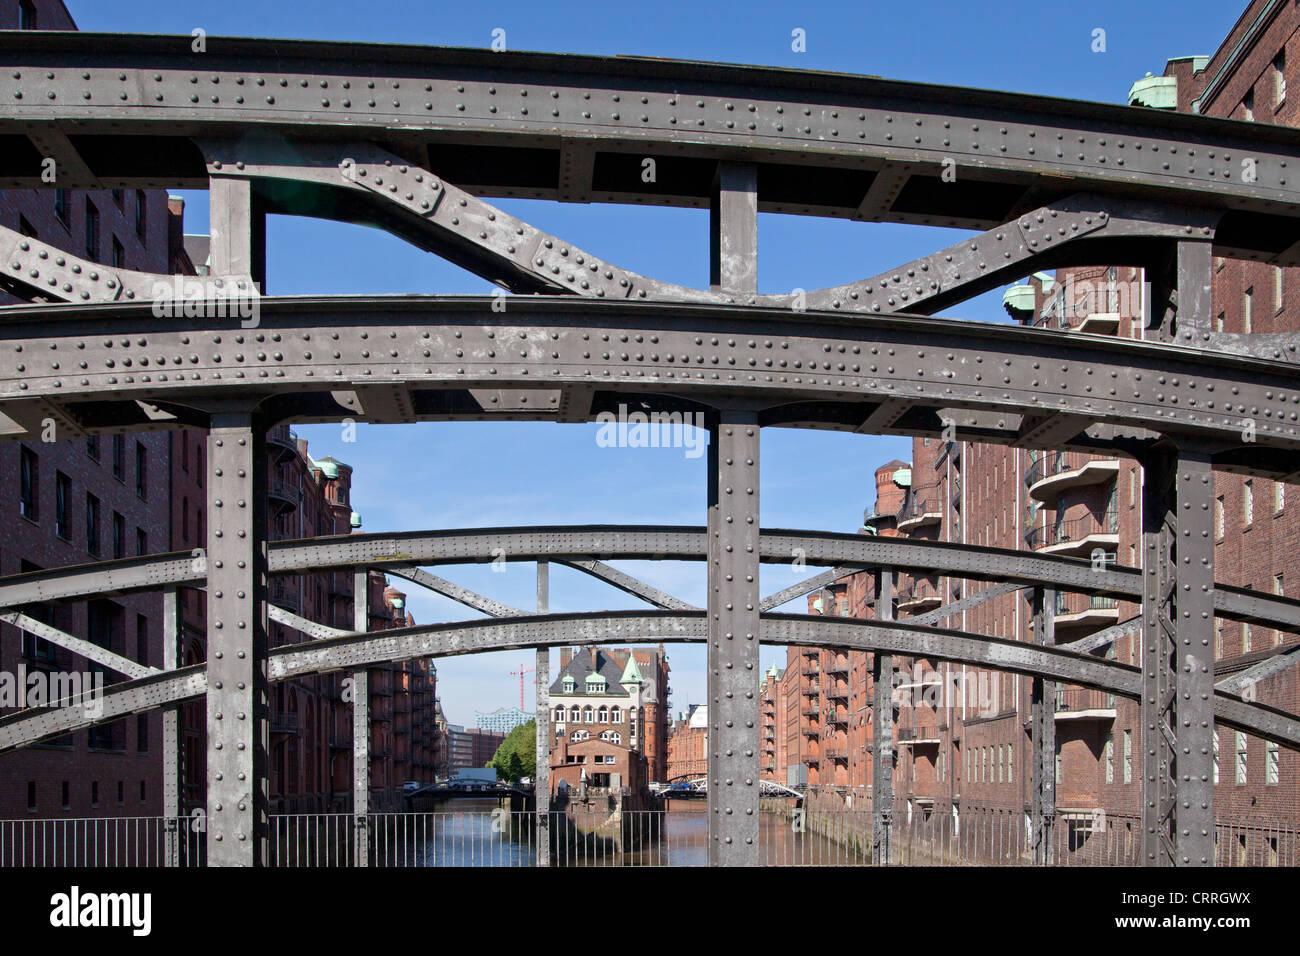 Alten Speicherstadt mit Wasserschloesschen (wenig Wasserburg) und Poggenmuehlen-Brücke, Hamburg, Deutschland Stockbild